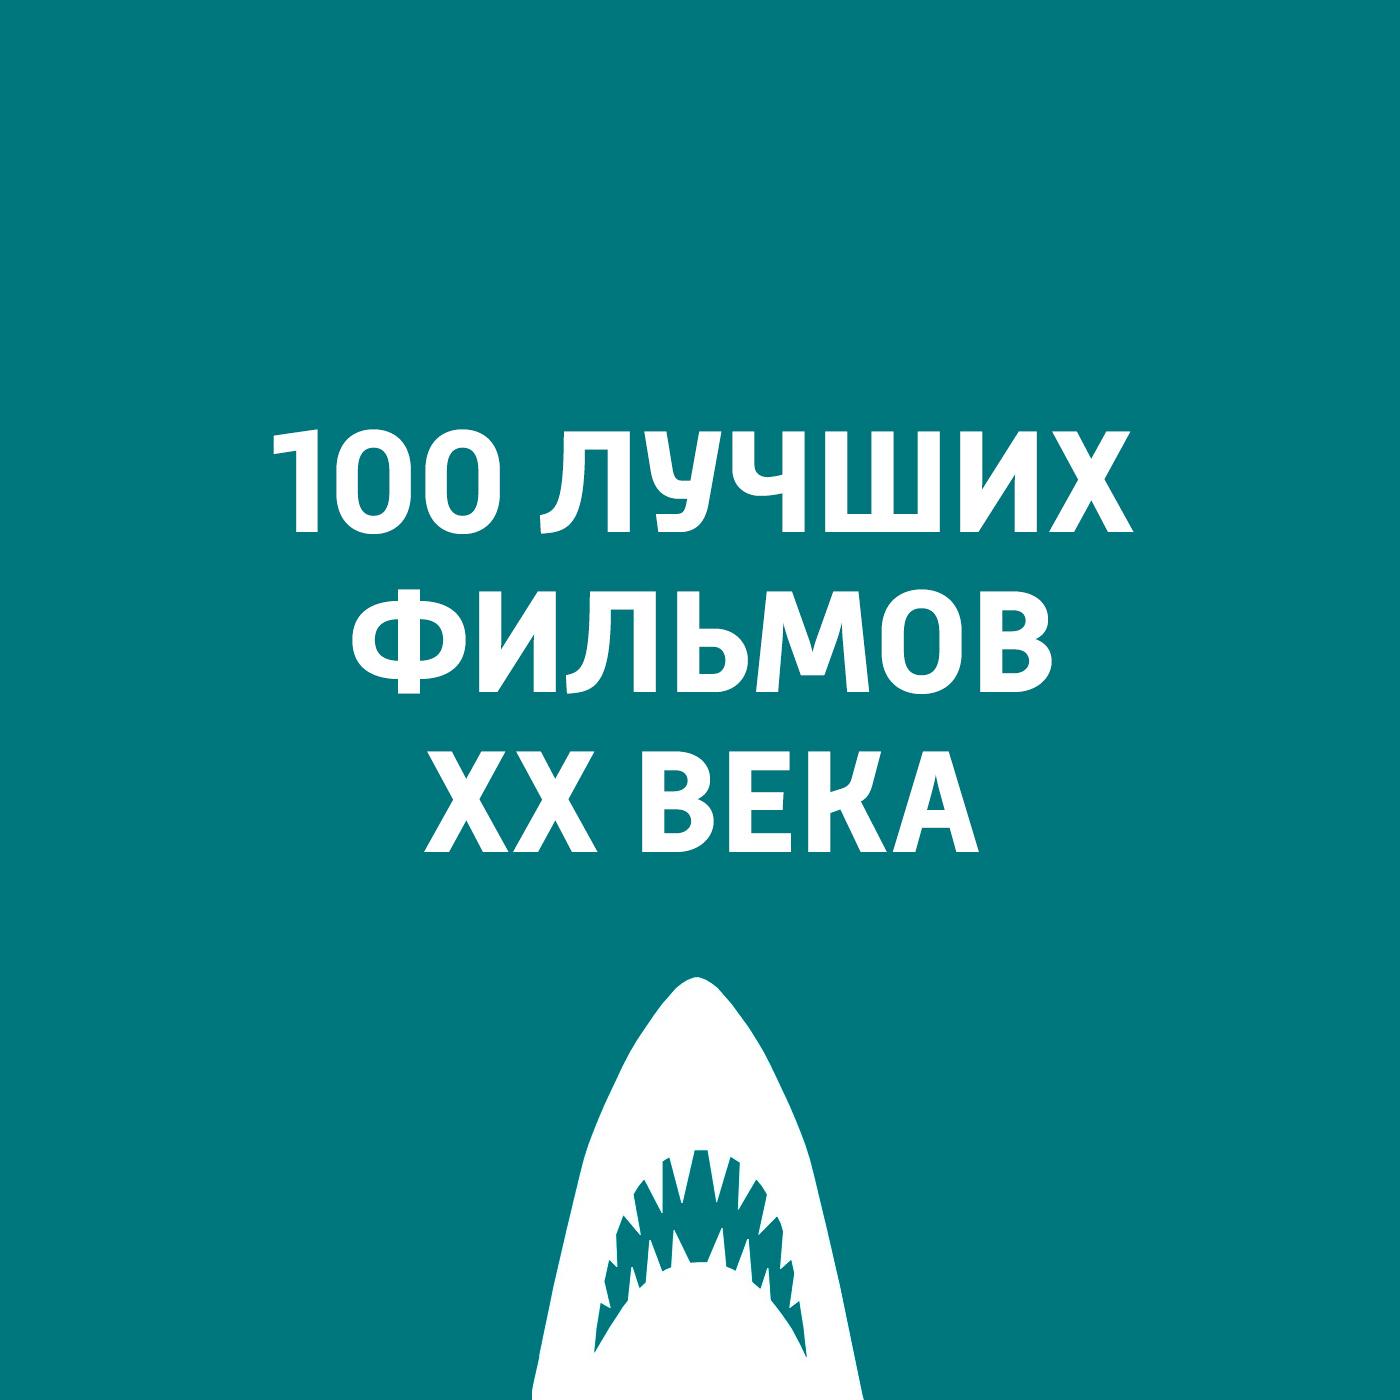 100 лучших фильмов ХХ века